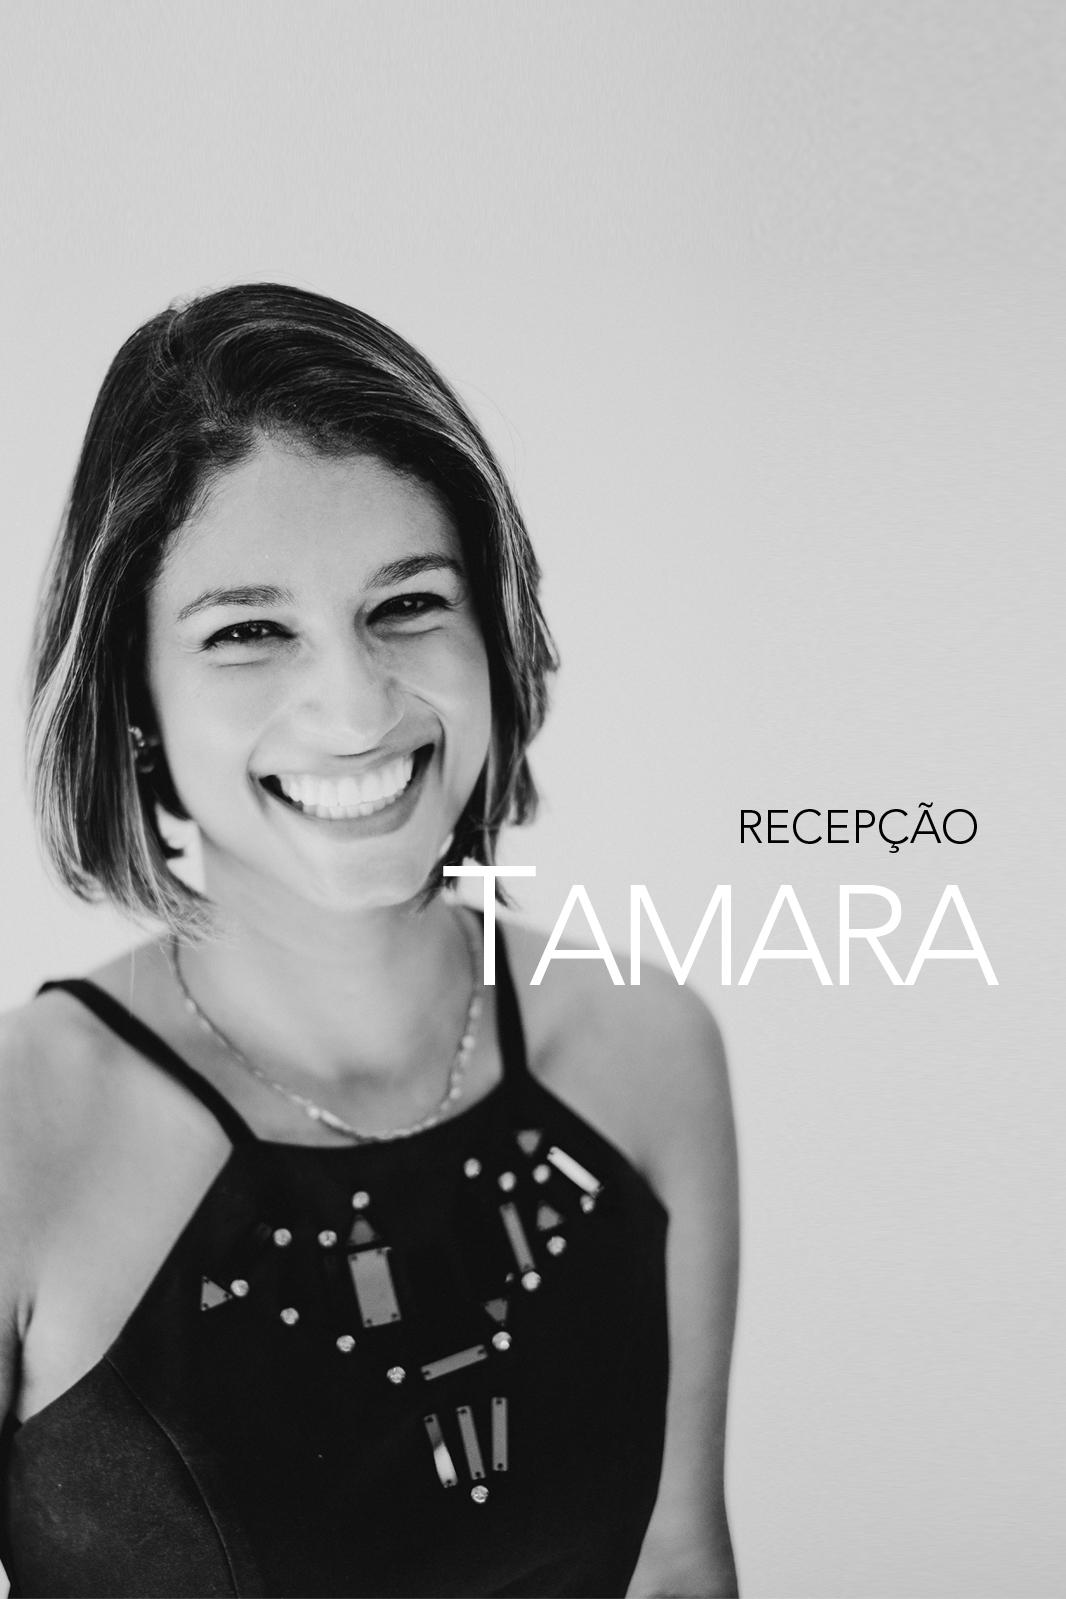 We-Cut-cabeleireiros-em-Ilhabela-e-Sao-Sebastiao-Tamara